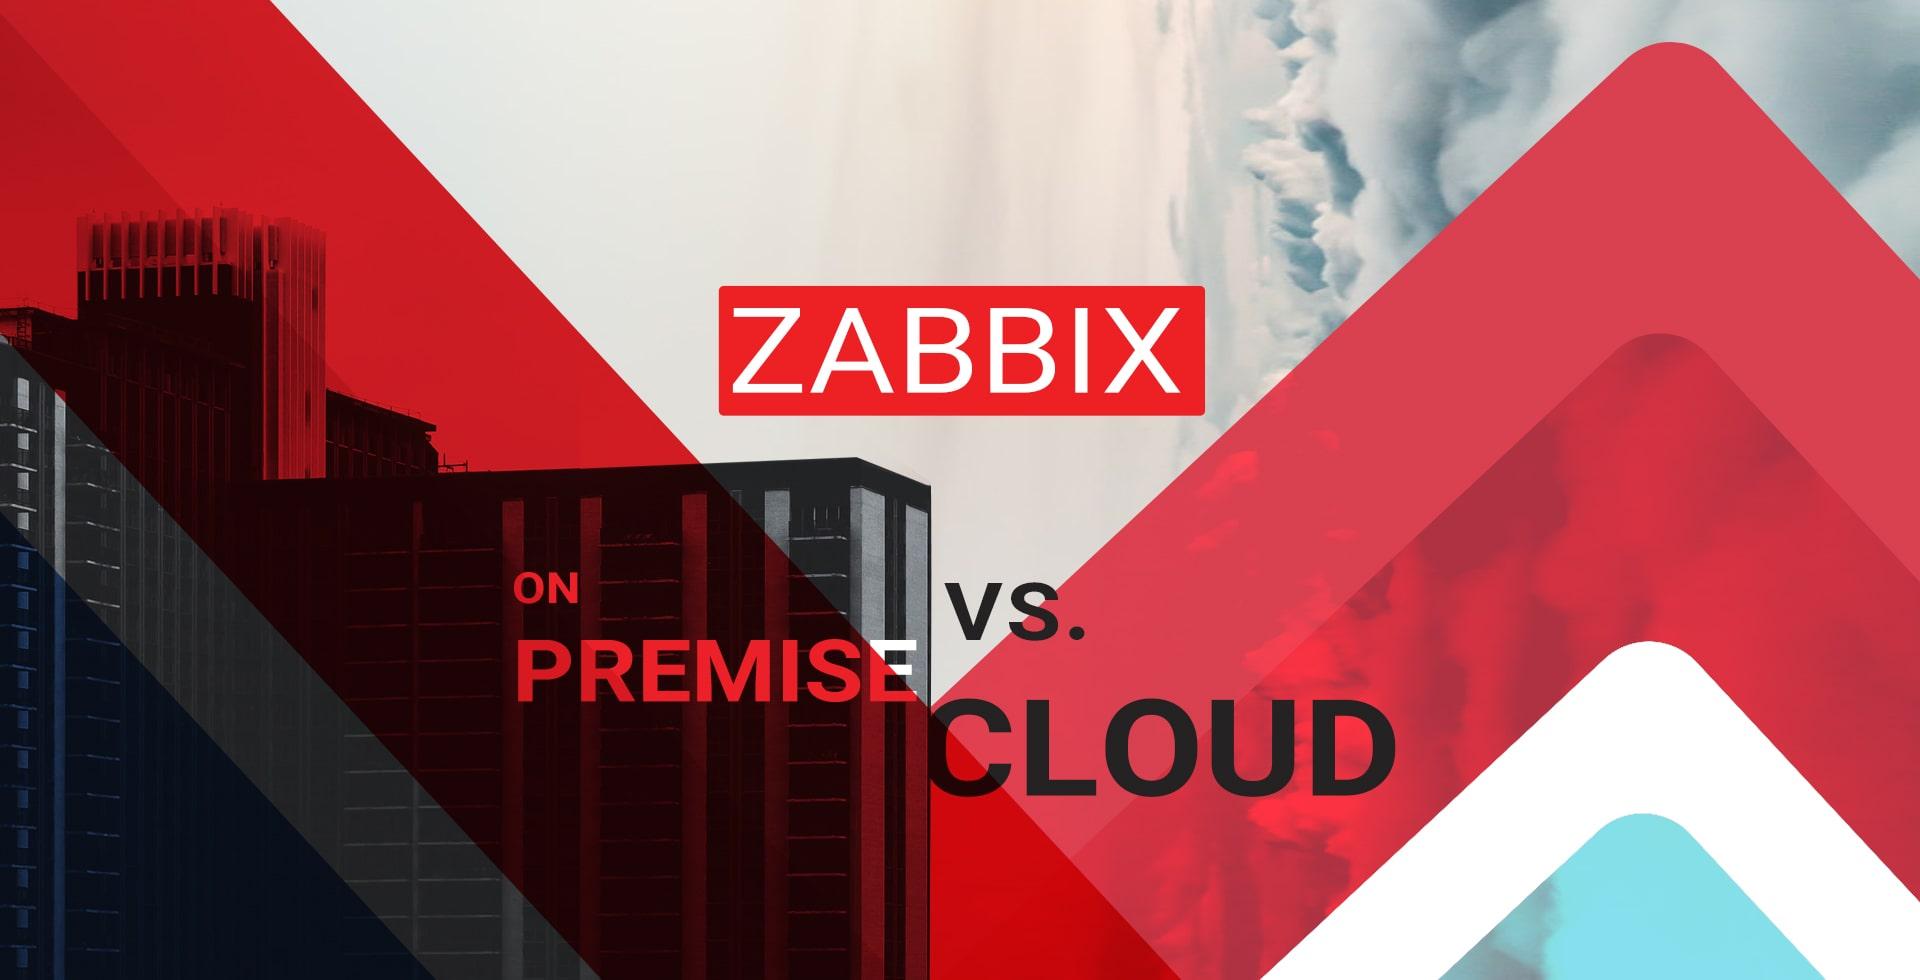 زبیکس on cloud یا زبیکس on premise ،کدام یک بهتر است؟